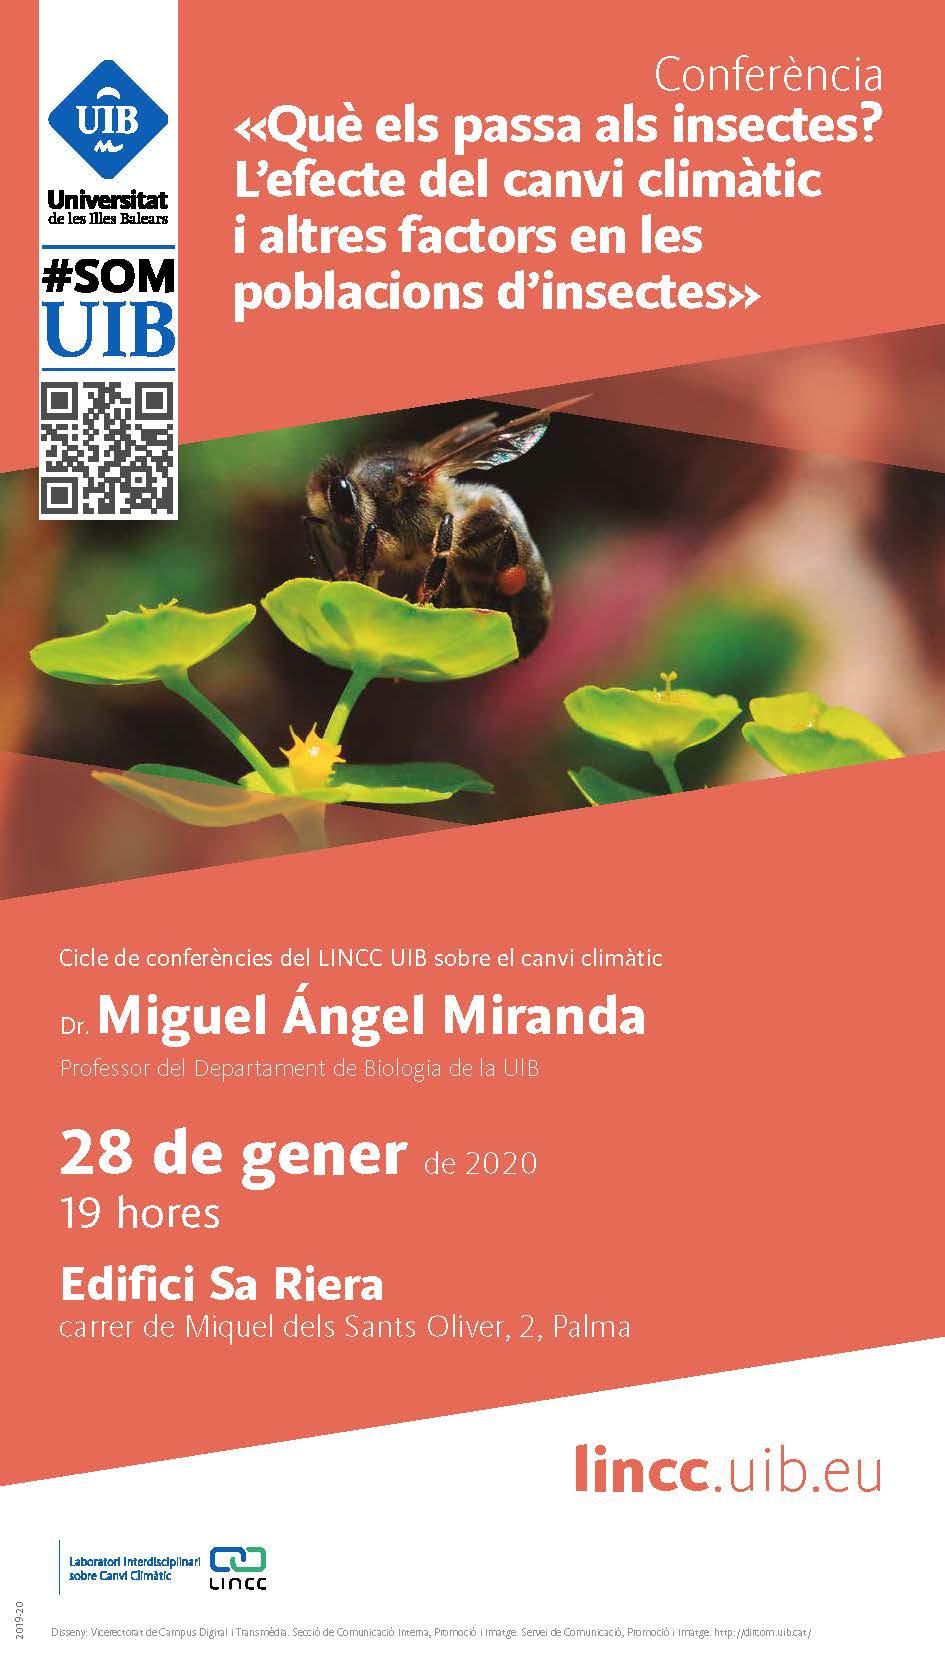 Conferencia «¿Qué está pasando con los insectos? El efecto del cambio climático y otros factores en las poblaciones de insectos», a cargo del Dr. Miguel Ángel Miranda